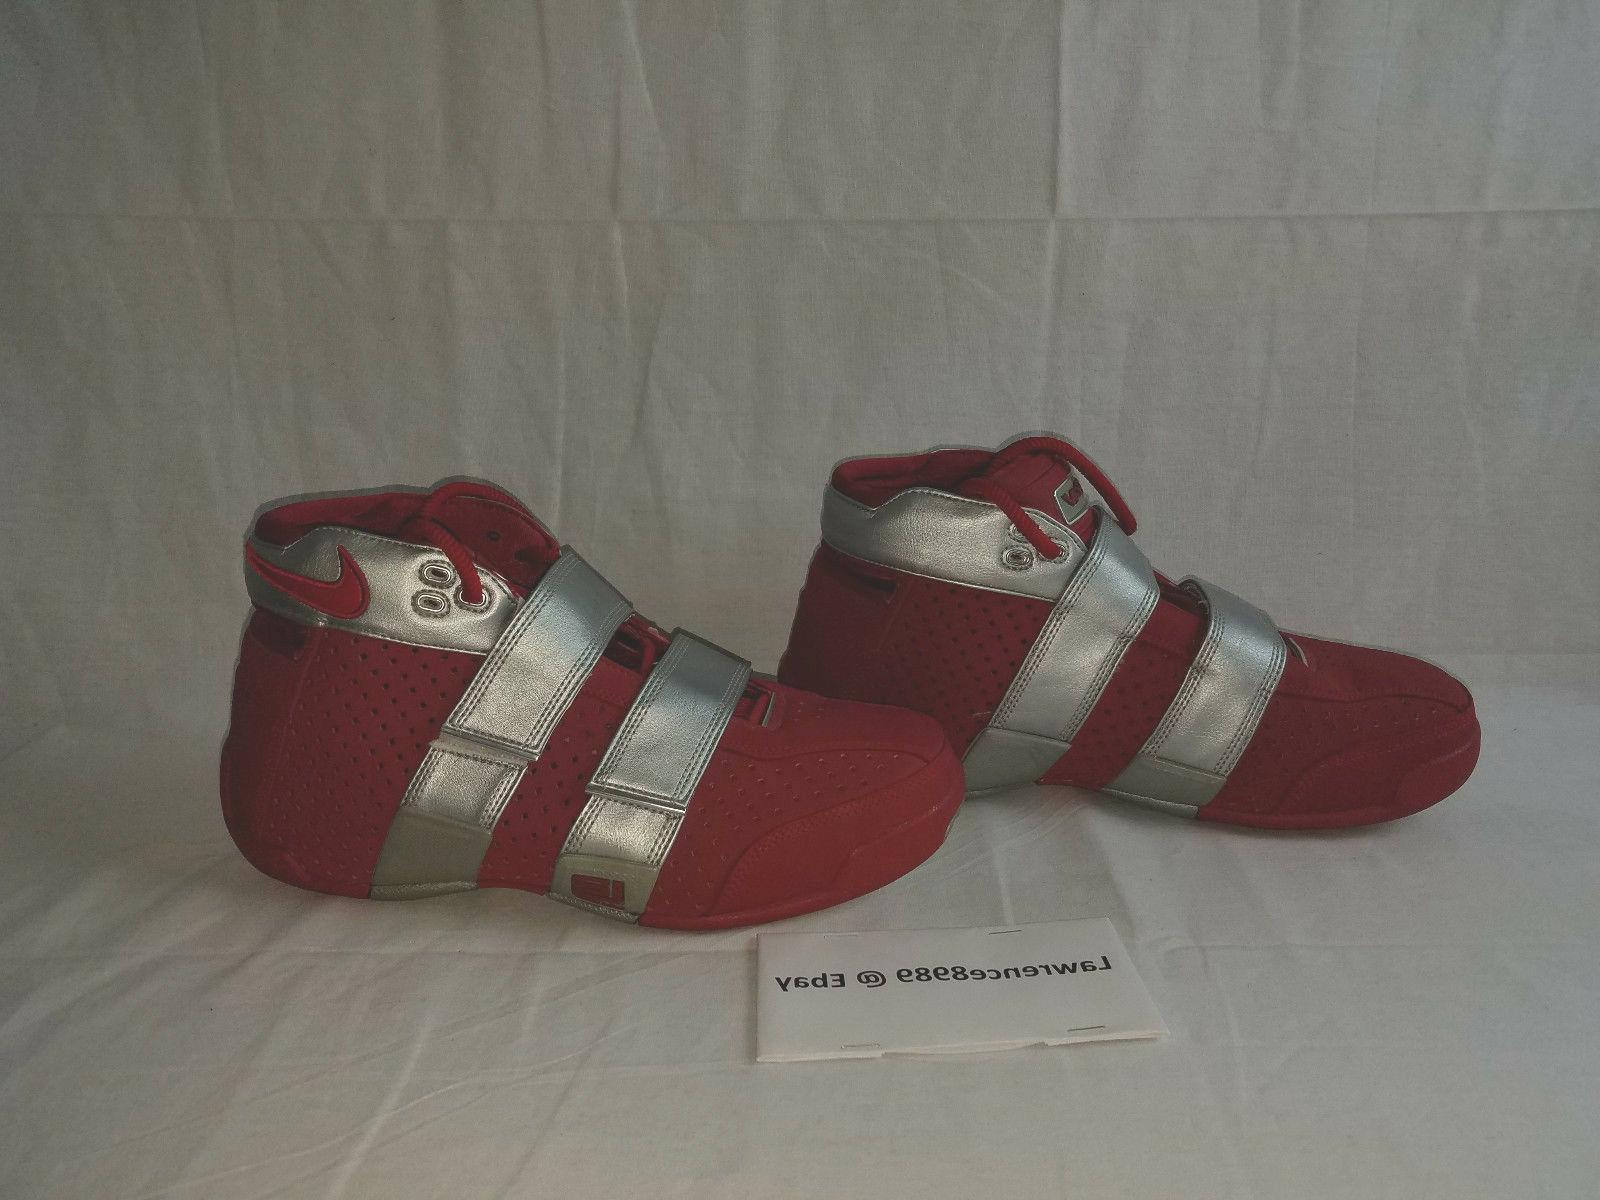 Rare Lebron 20-5-5 Ohio State Basketball Shoes 23 2 3 6